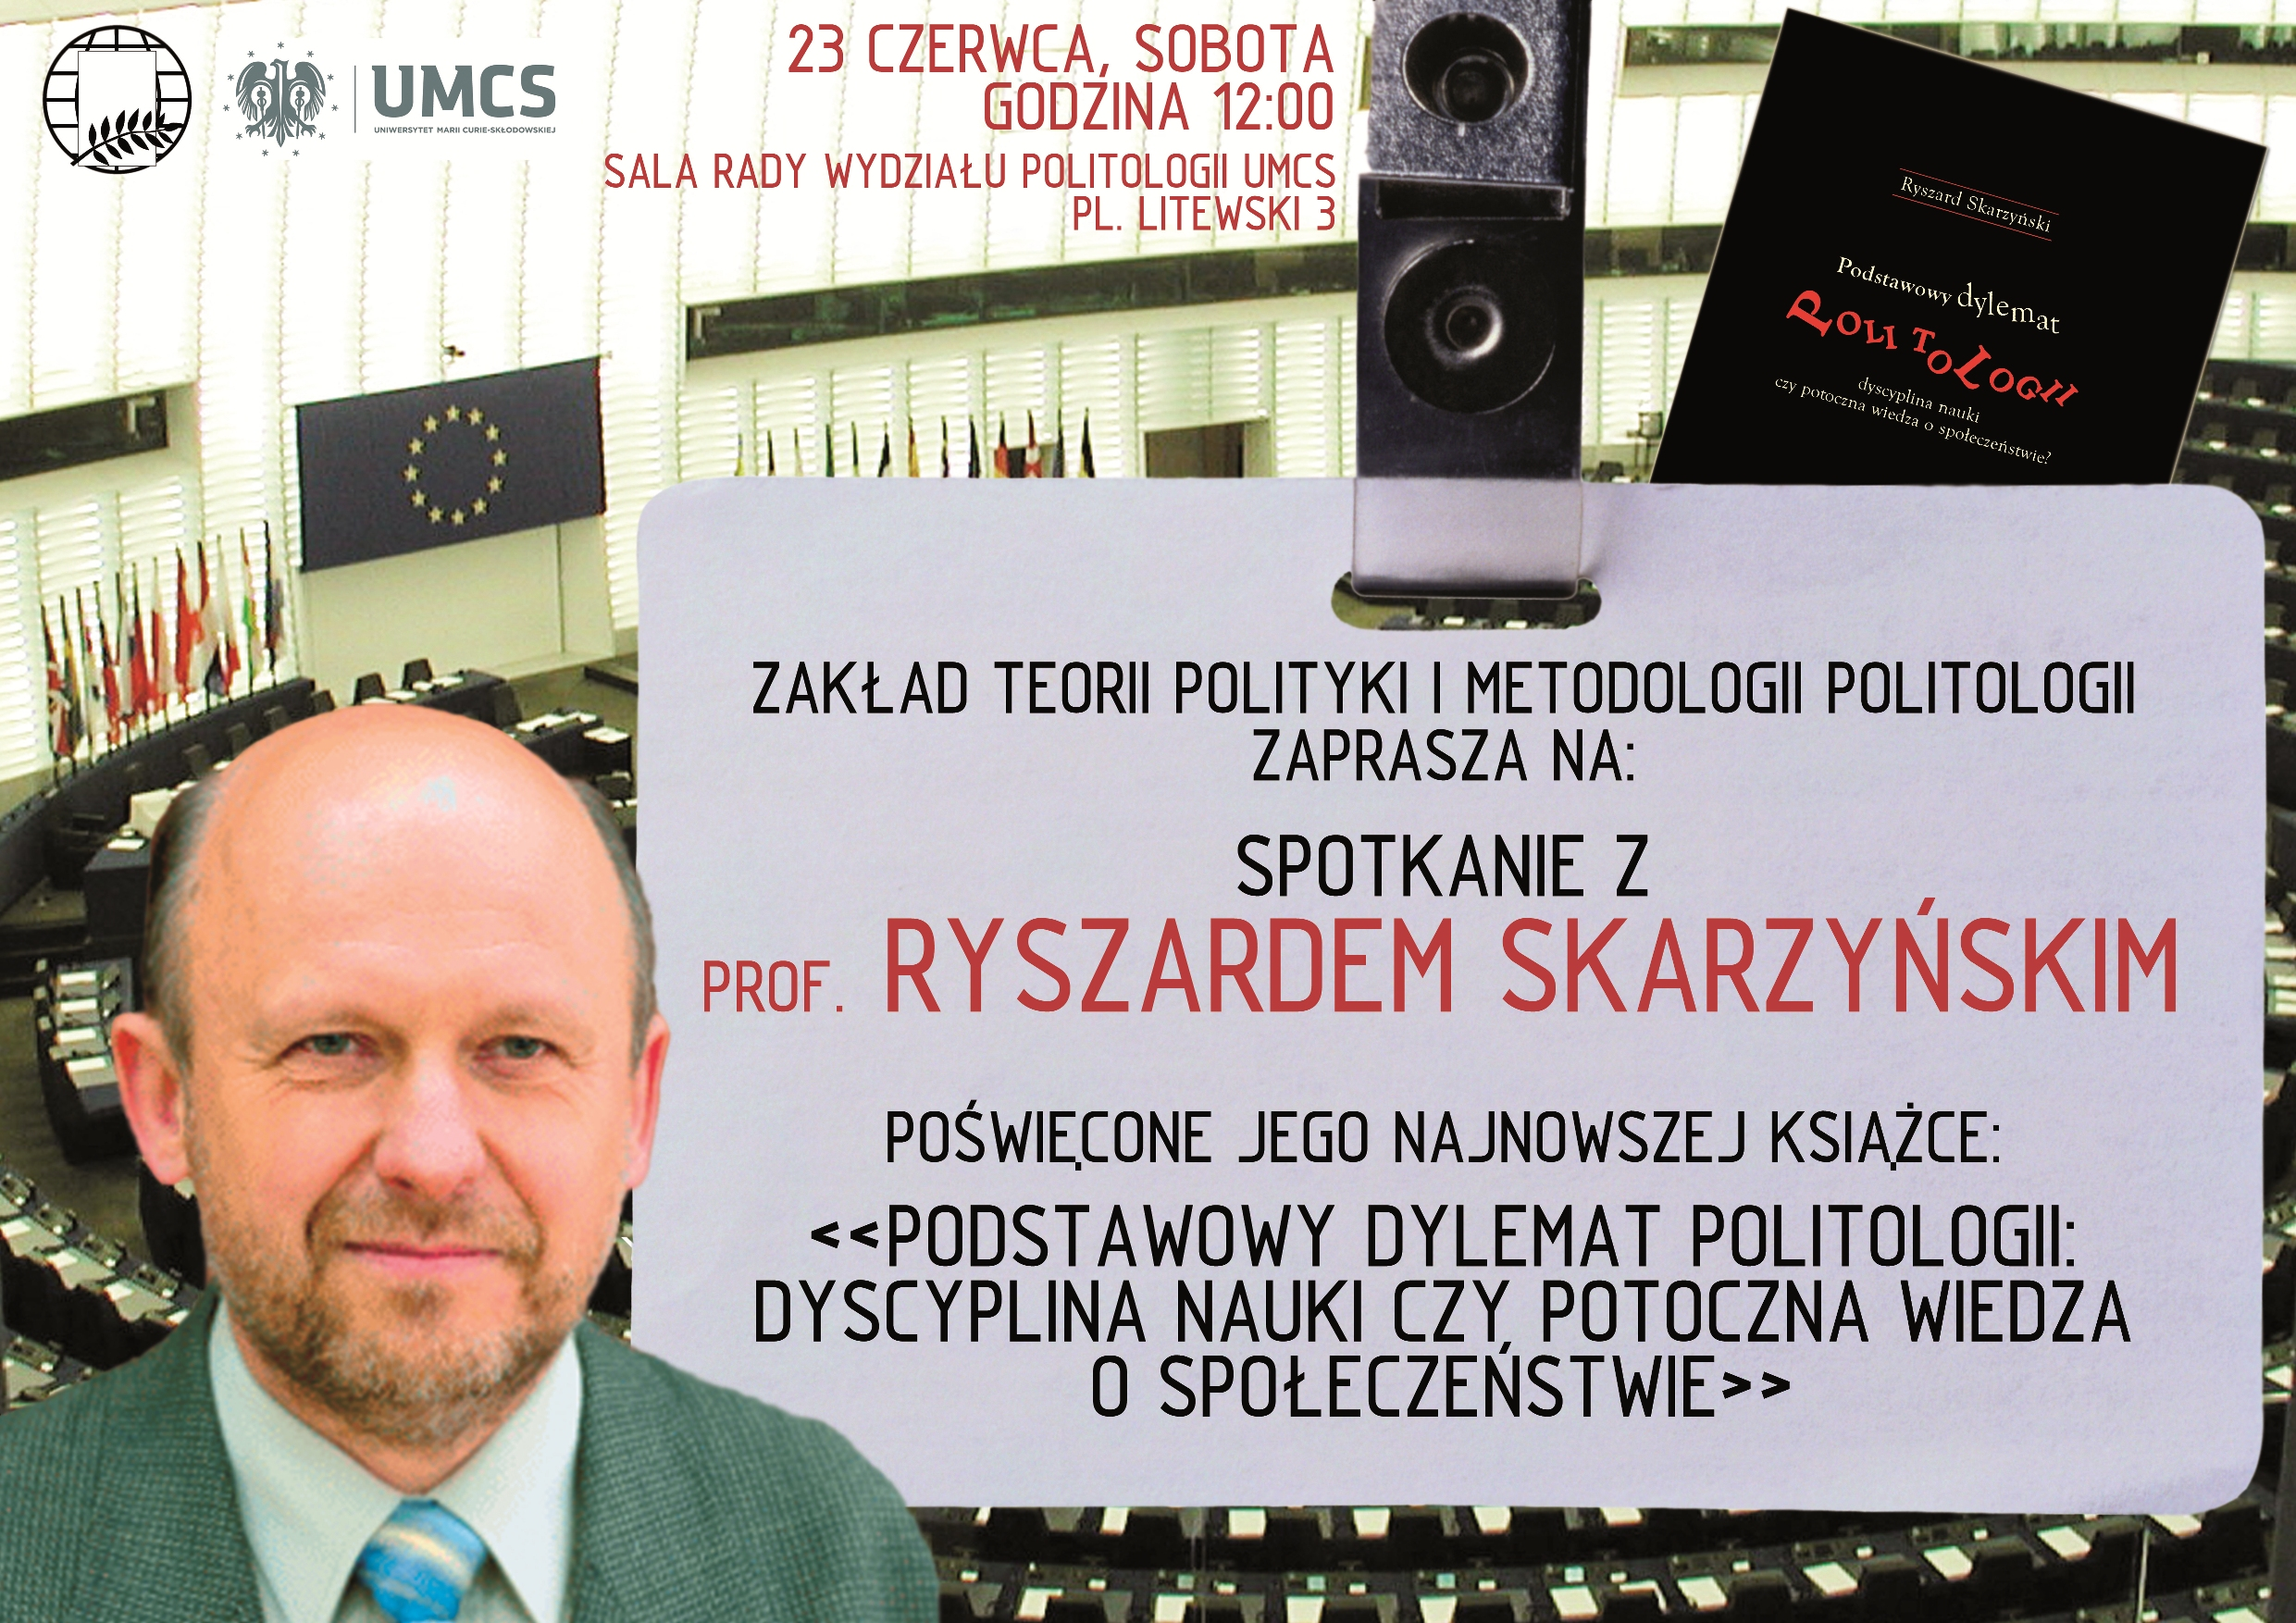 Spotkanie z prof. Ryszardem Skarzyńskim w Lublinie